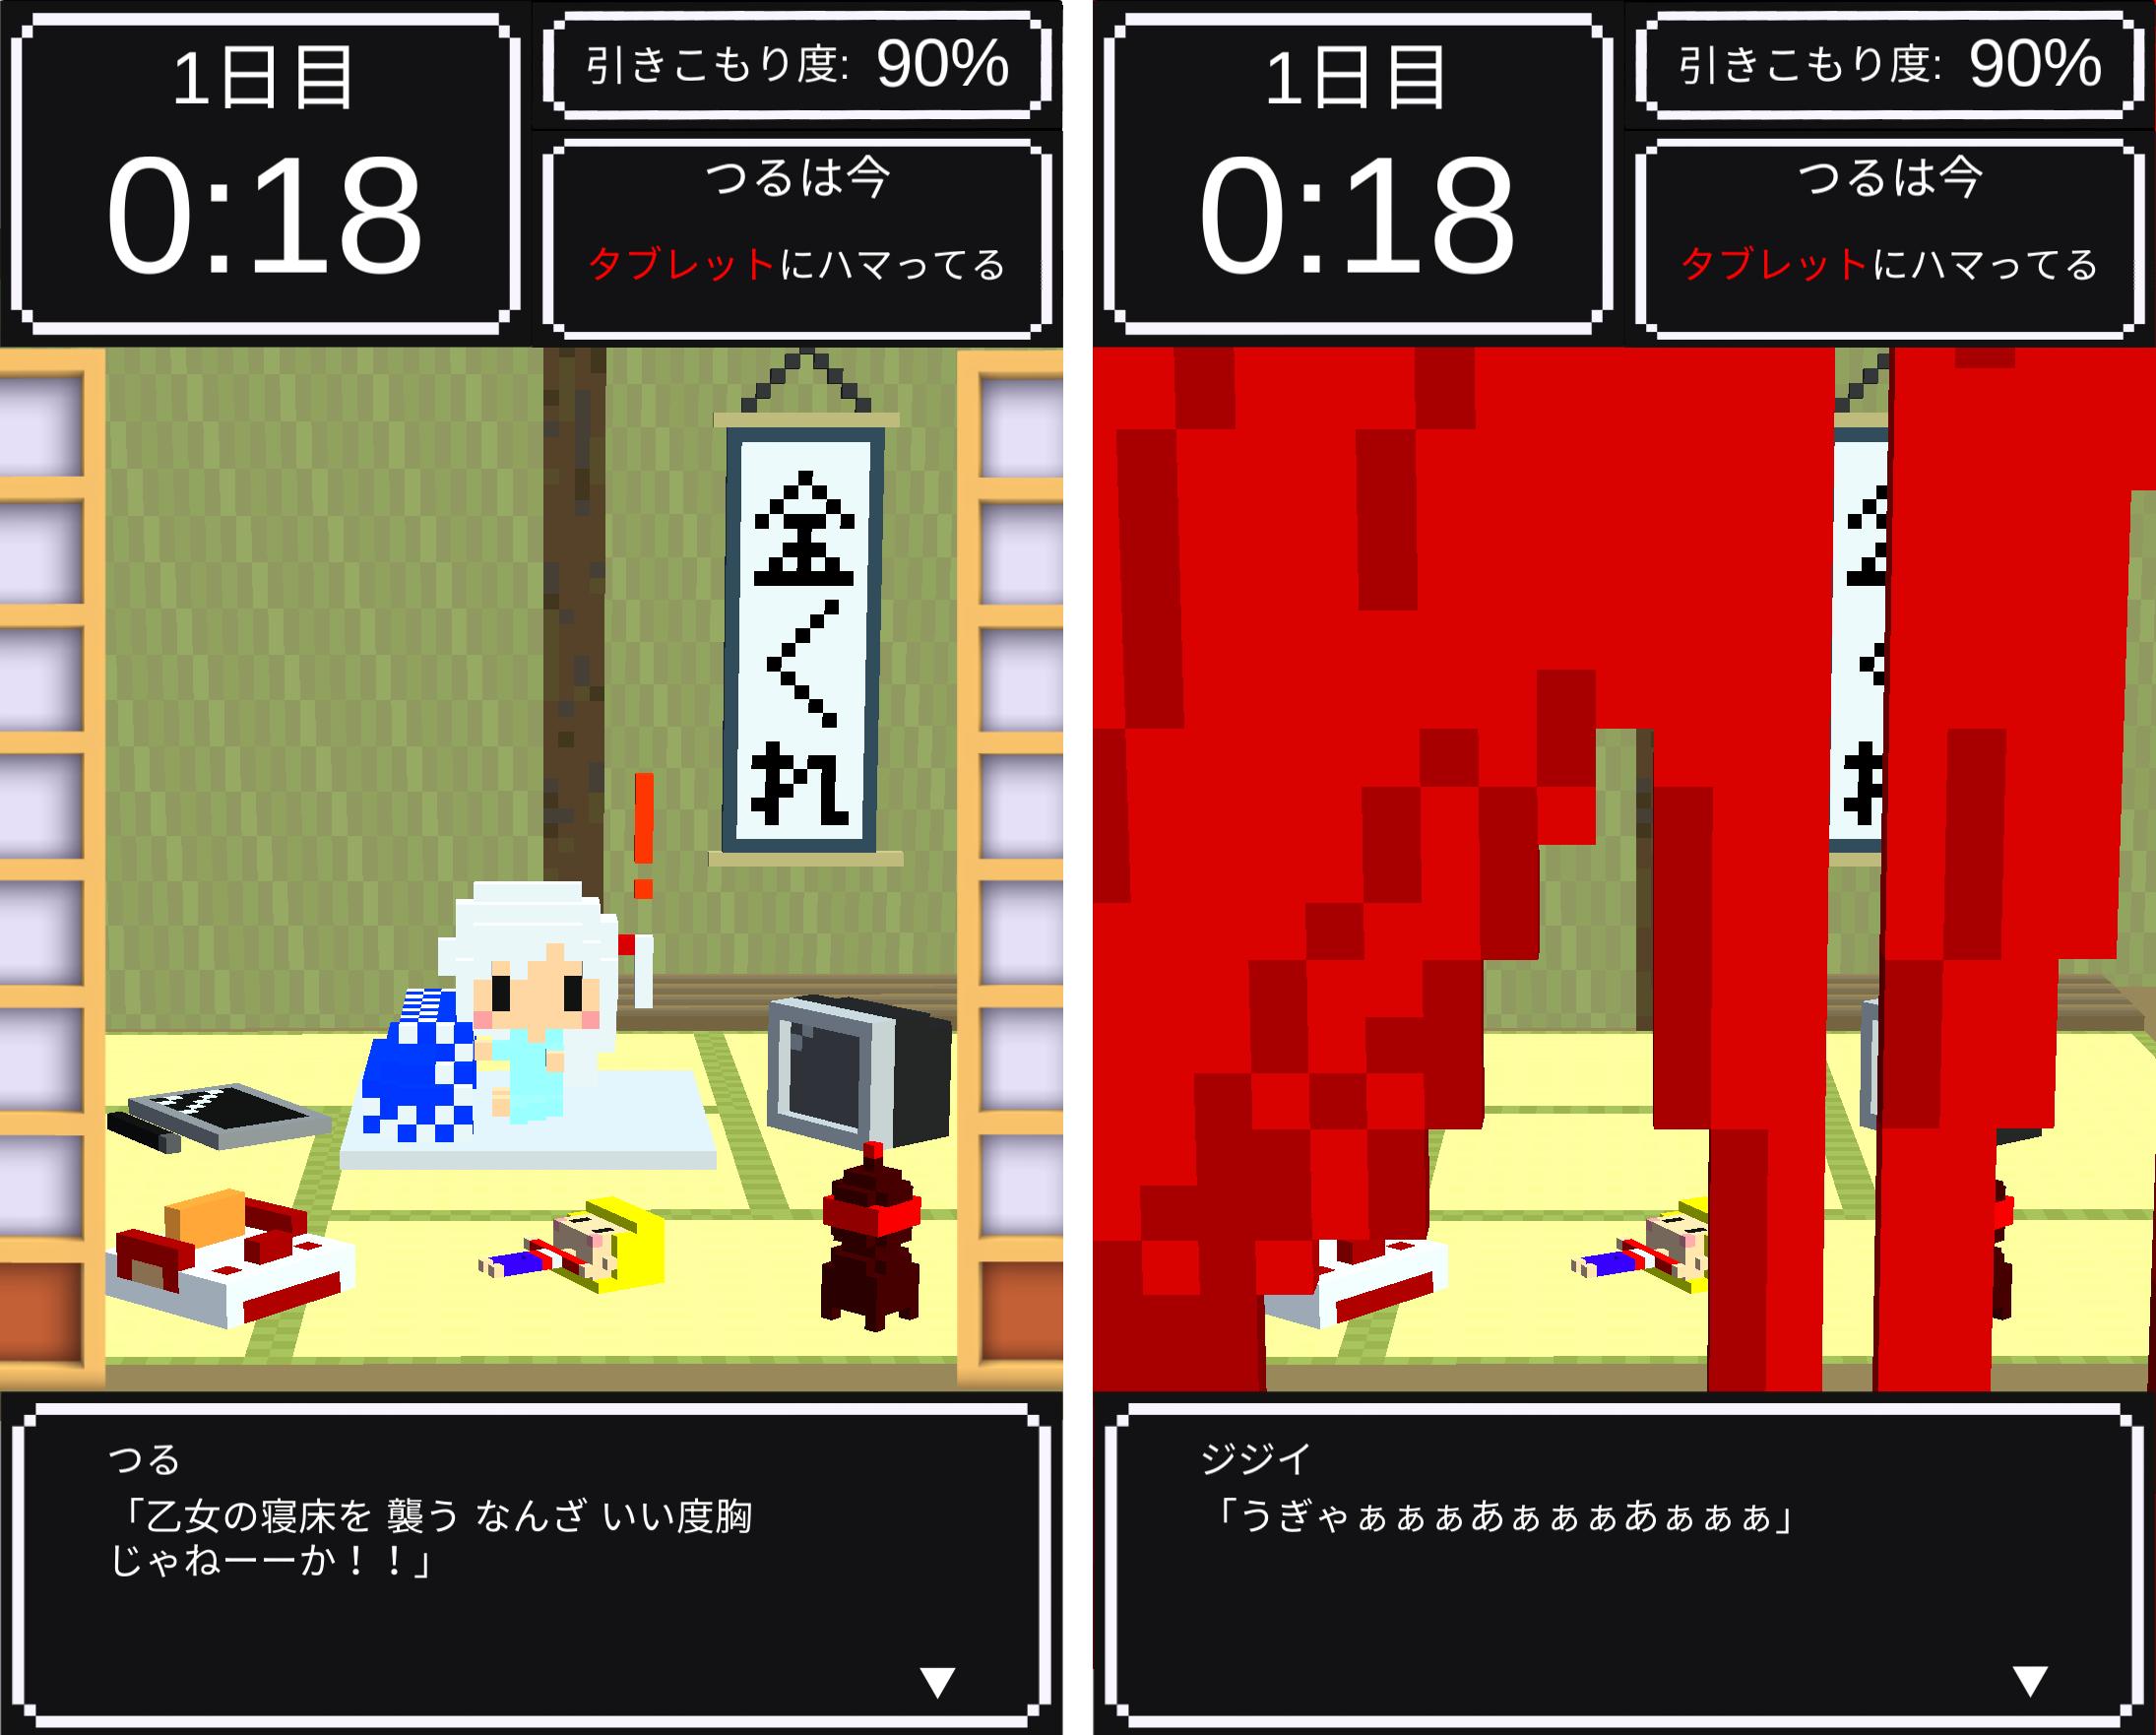 鶴の恩返し -つるVSジジイ- androidアプリスクリーンショット2